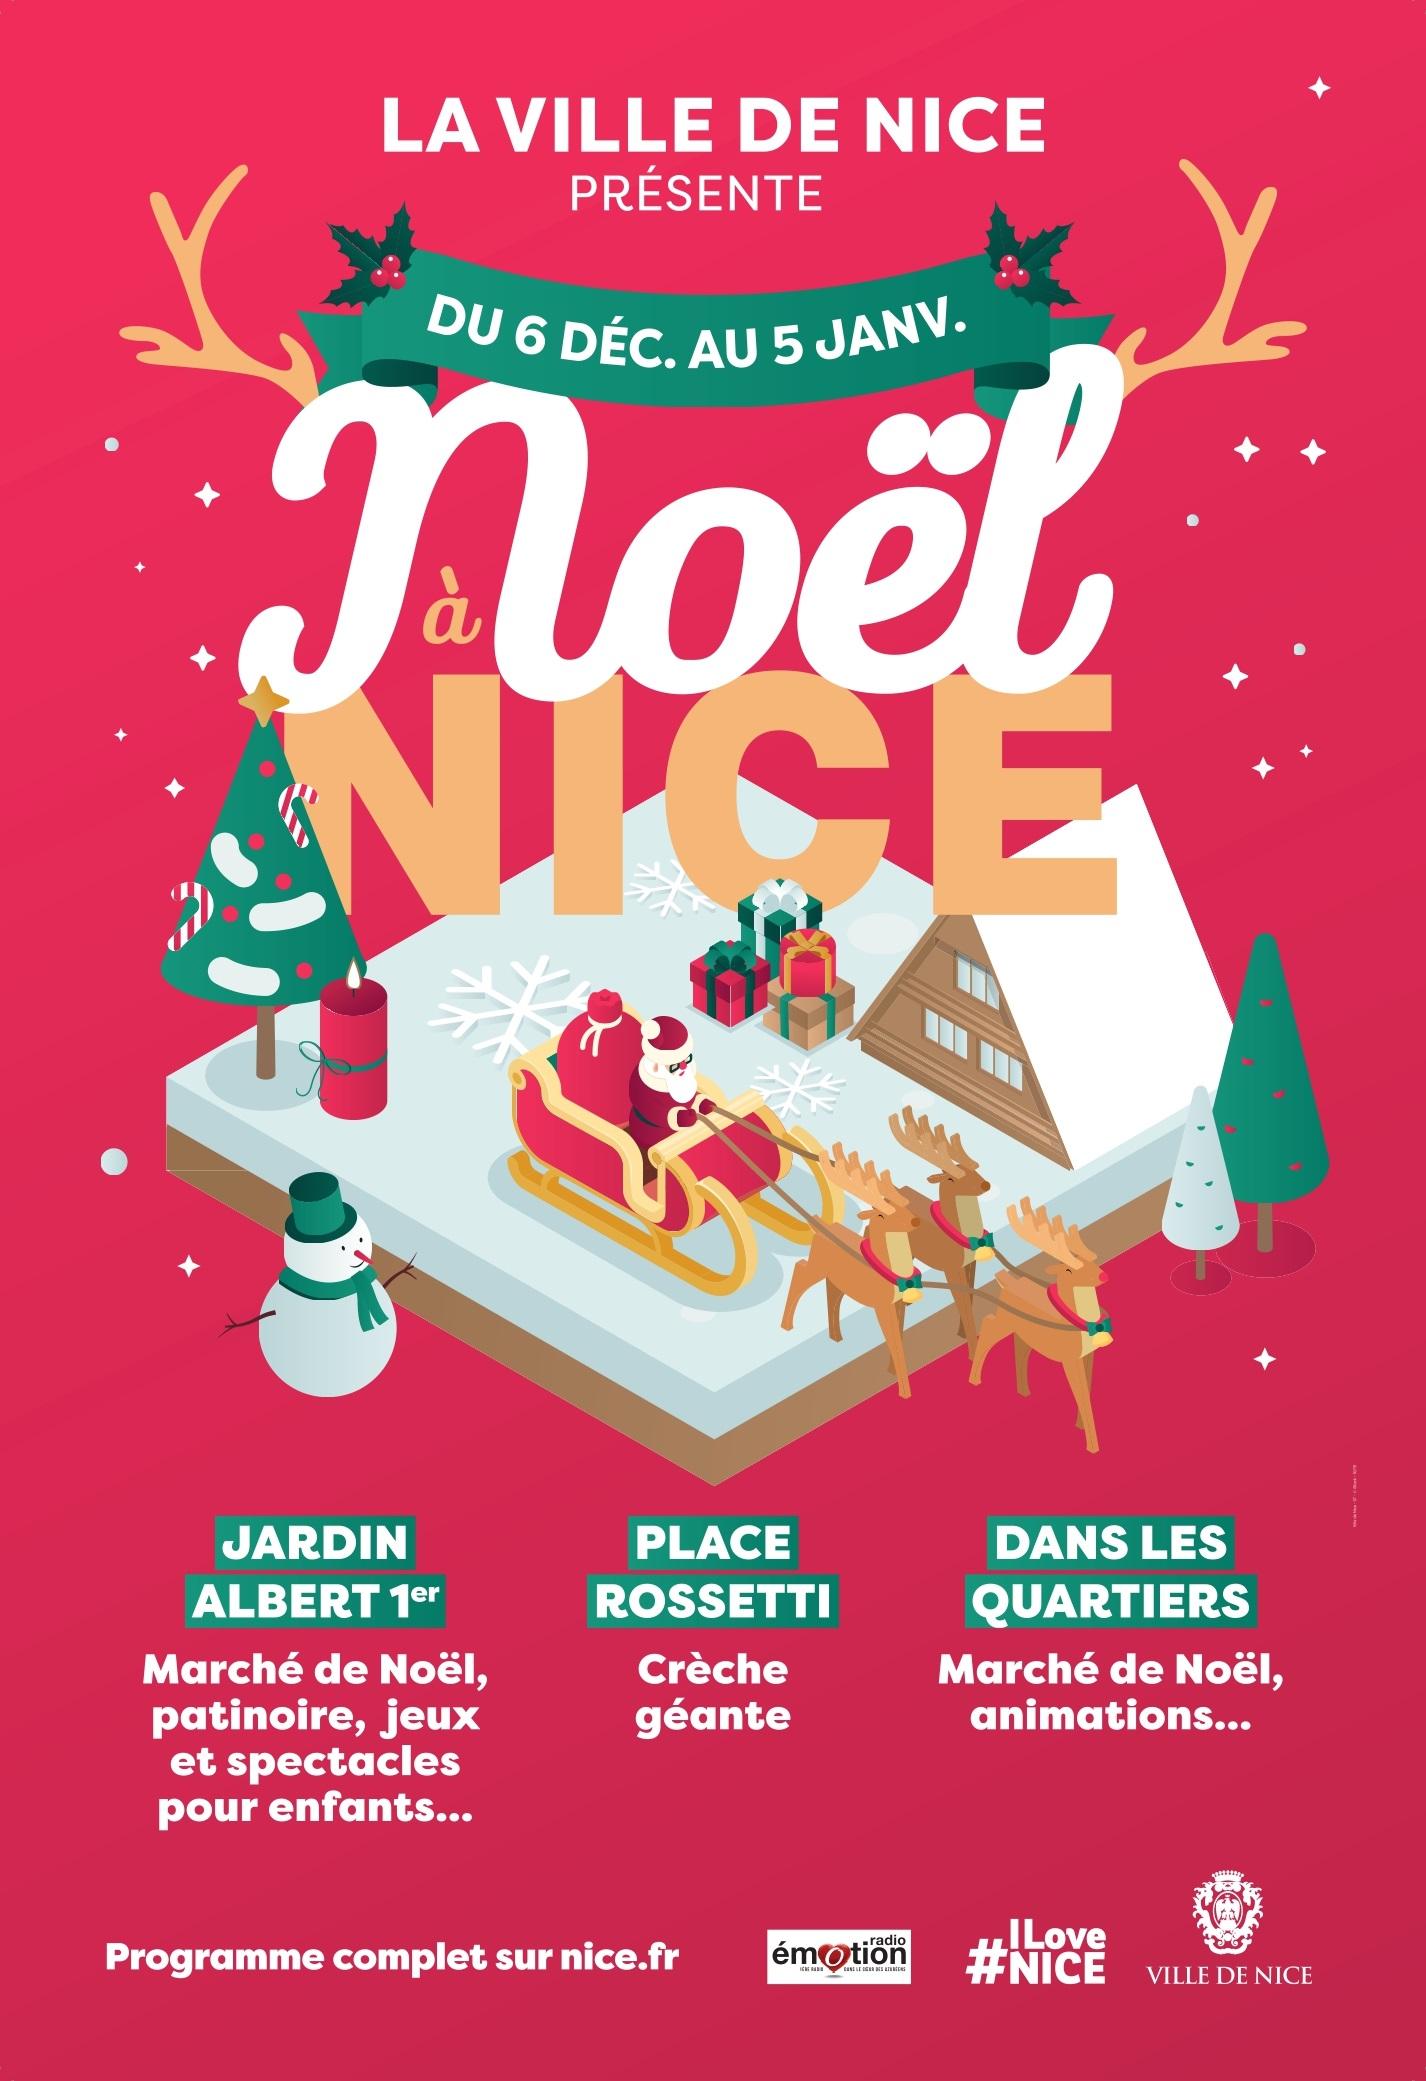 Idée De Jeux En Famille Pour Noel noël à nice du 06 décembre 2019 au 05 janvier 2020